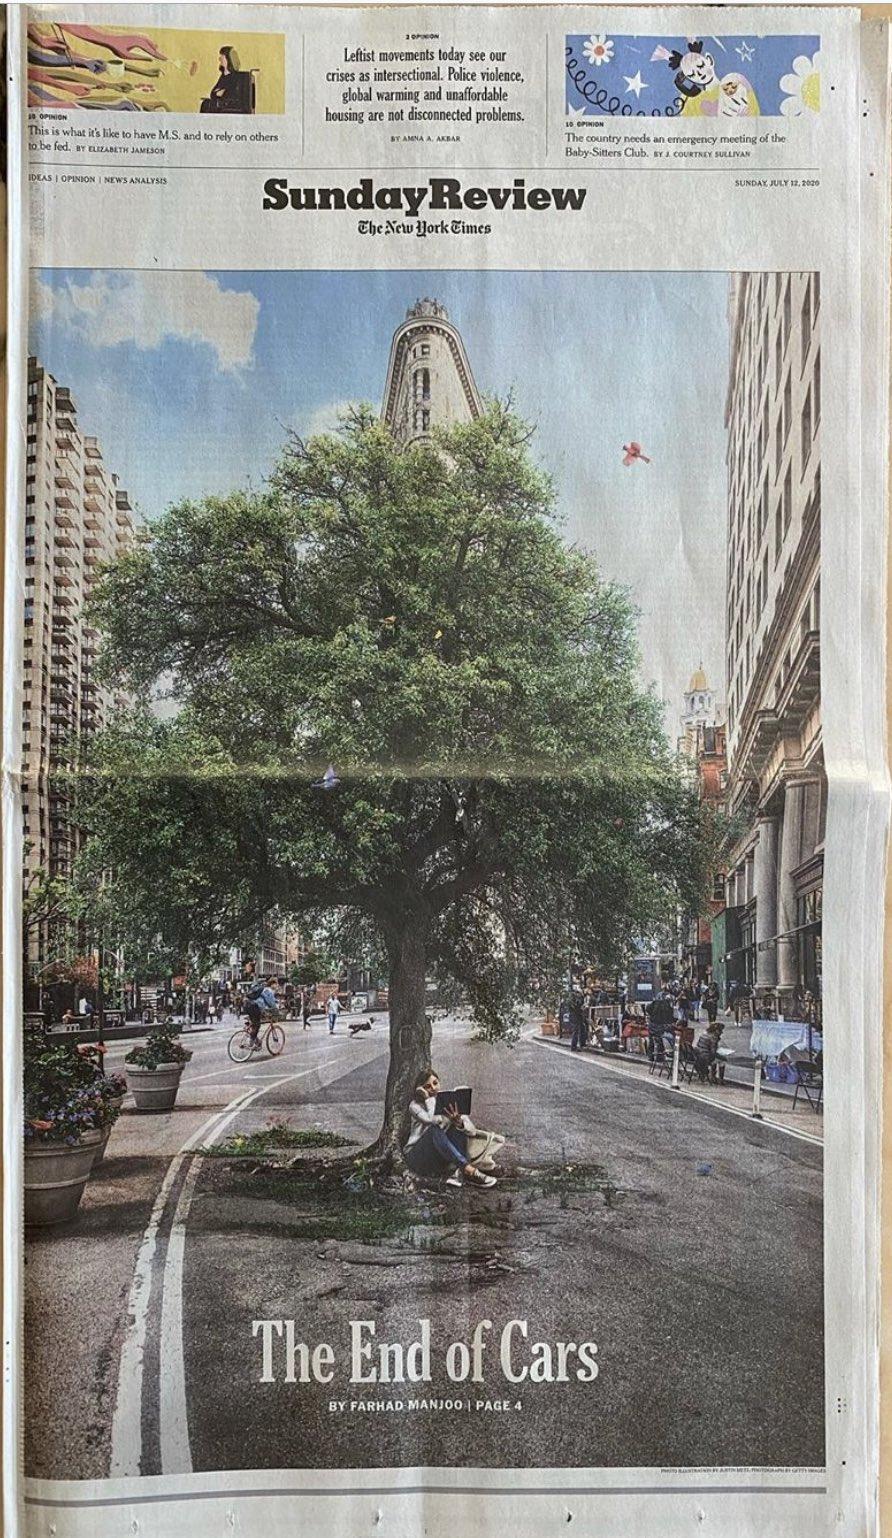 Hemos visto el futuro de las #ciudades sin #Carros y es increíble 🌟🌟🌟🌟🌟👍🏻@nytimes  #ODS11 #NuevaAgendaUrbana https://t.co/g3IuqHBypg